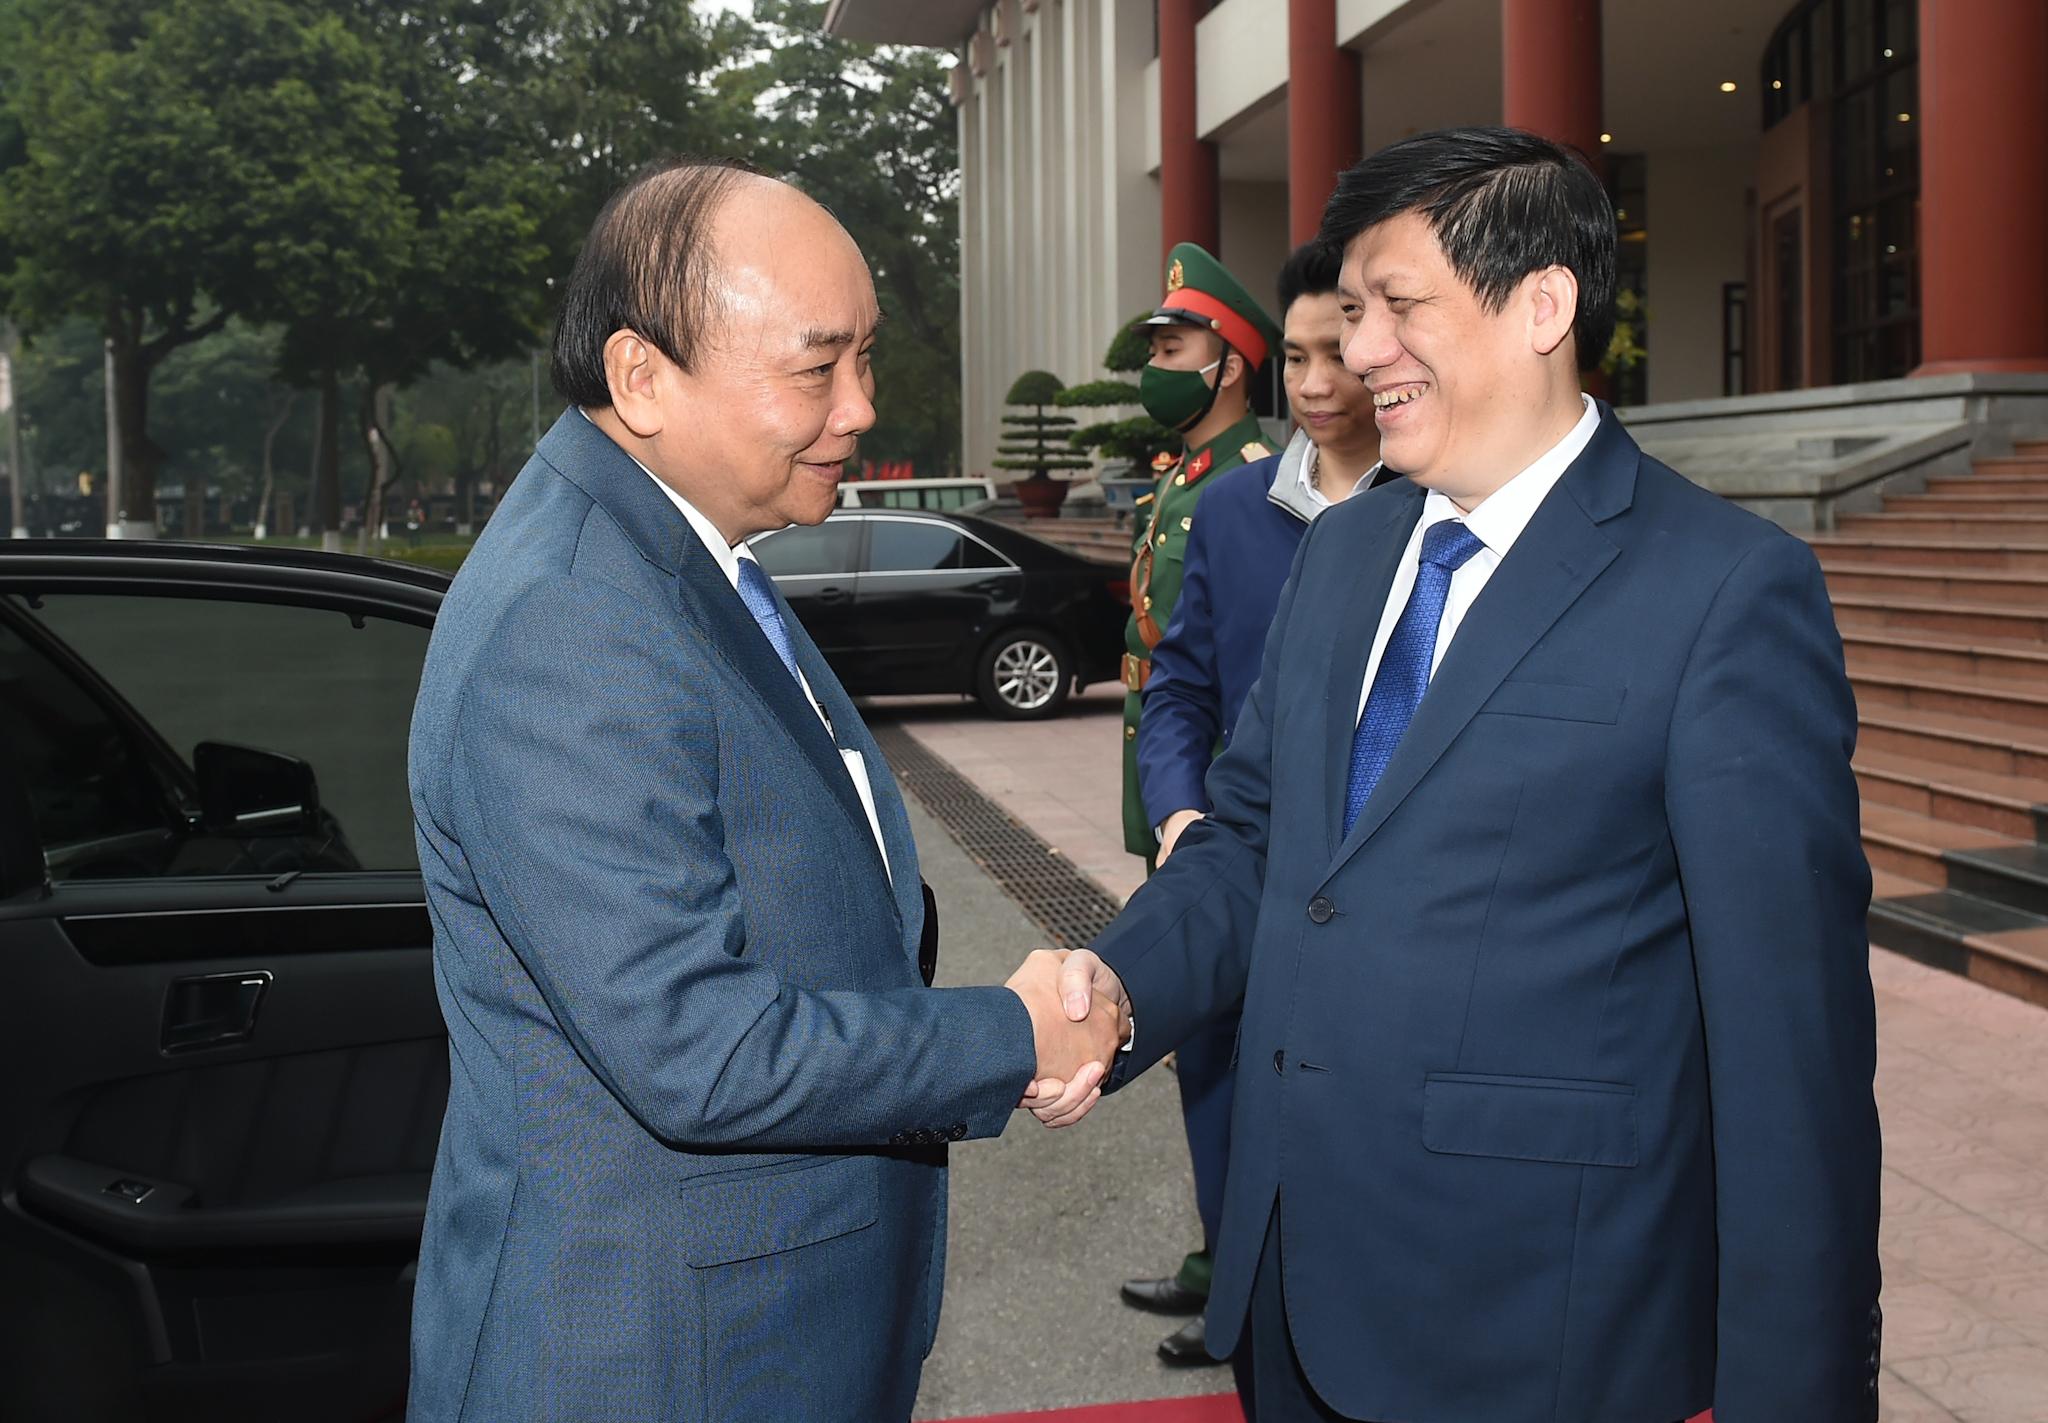 Thủ tướng Nguyễn Xuân Phúc tới dự Hội nghị Y tế toàn quốc. Ảnh: VGP/Quang Hiếu